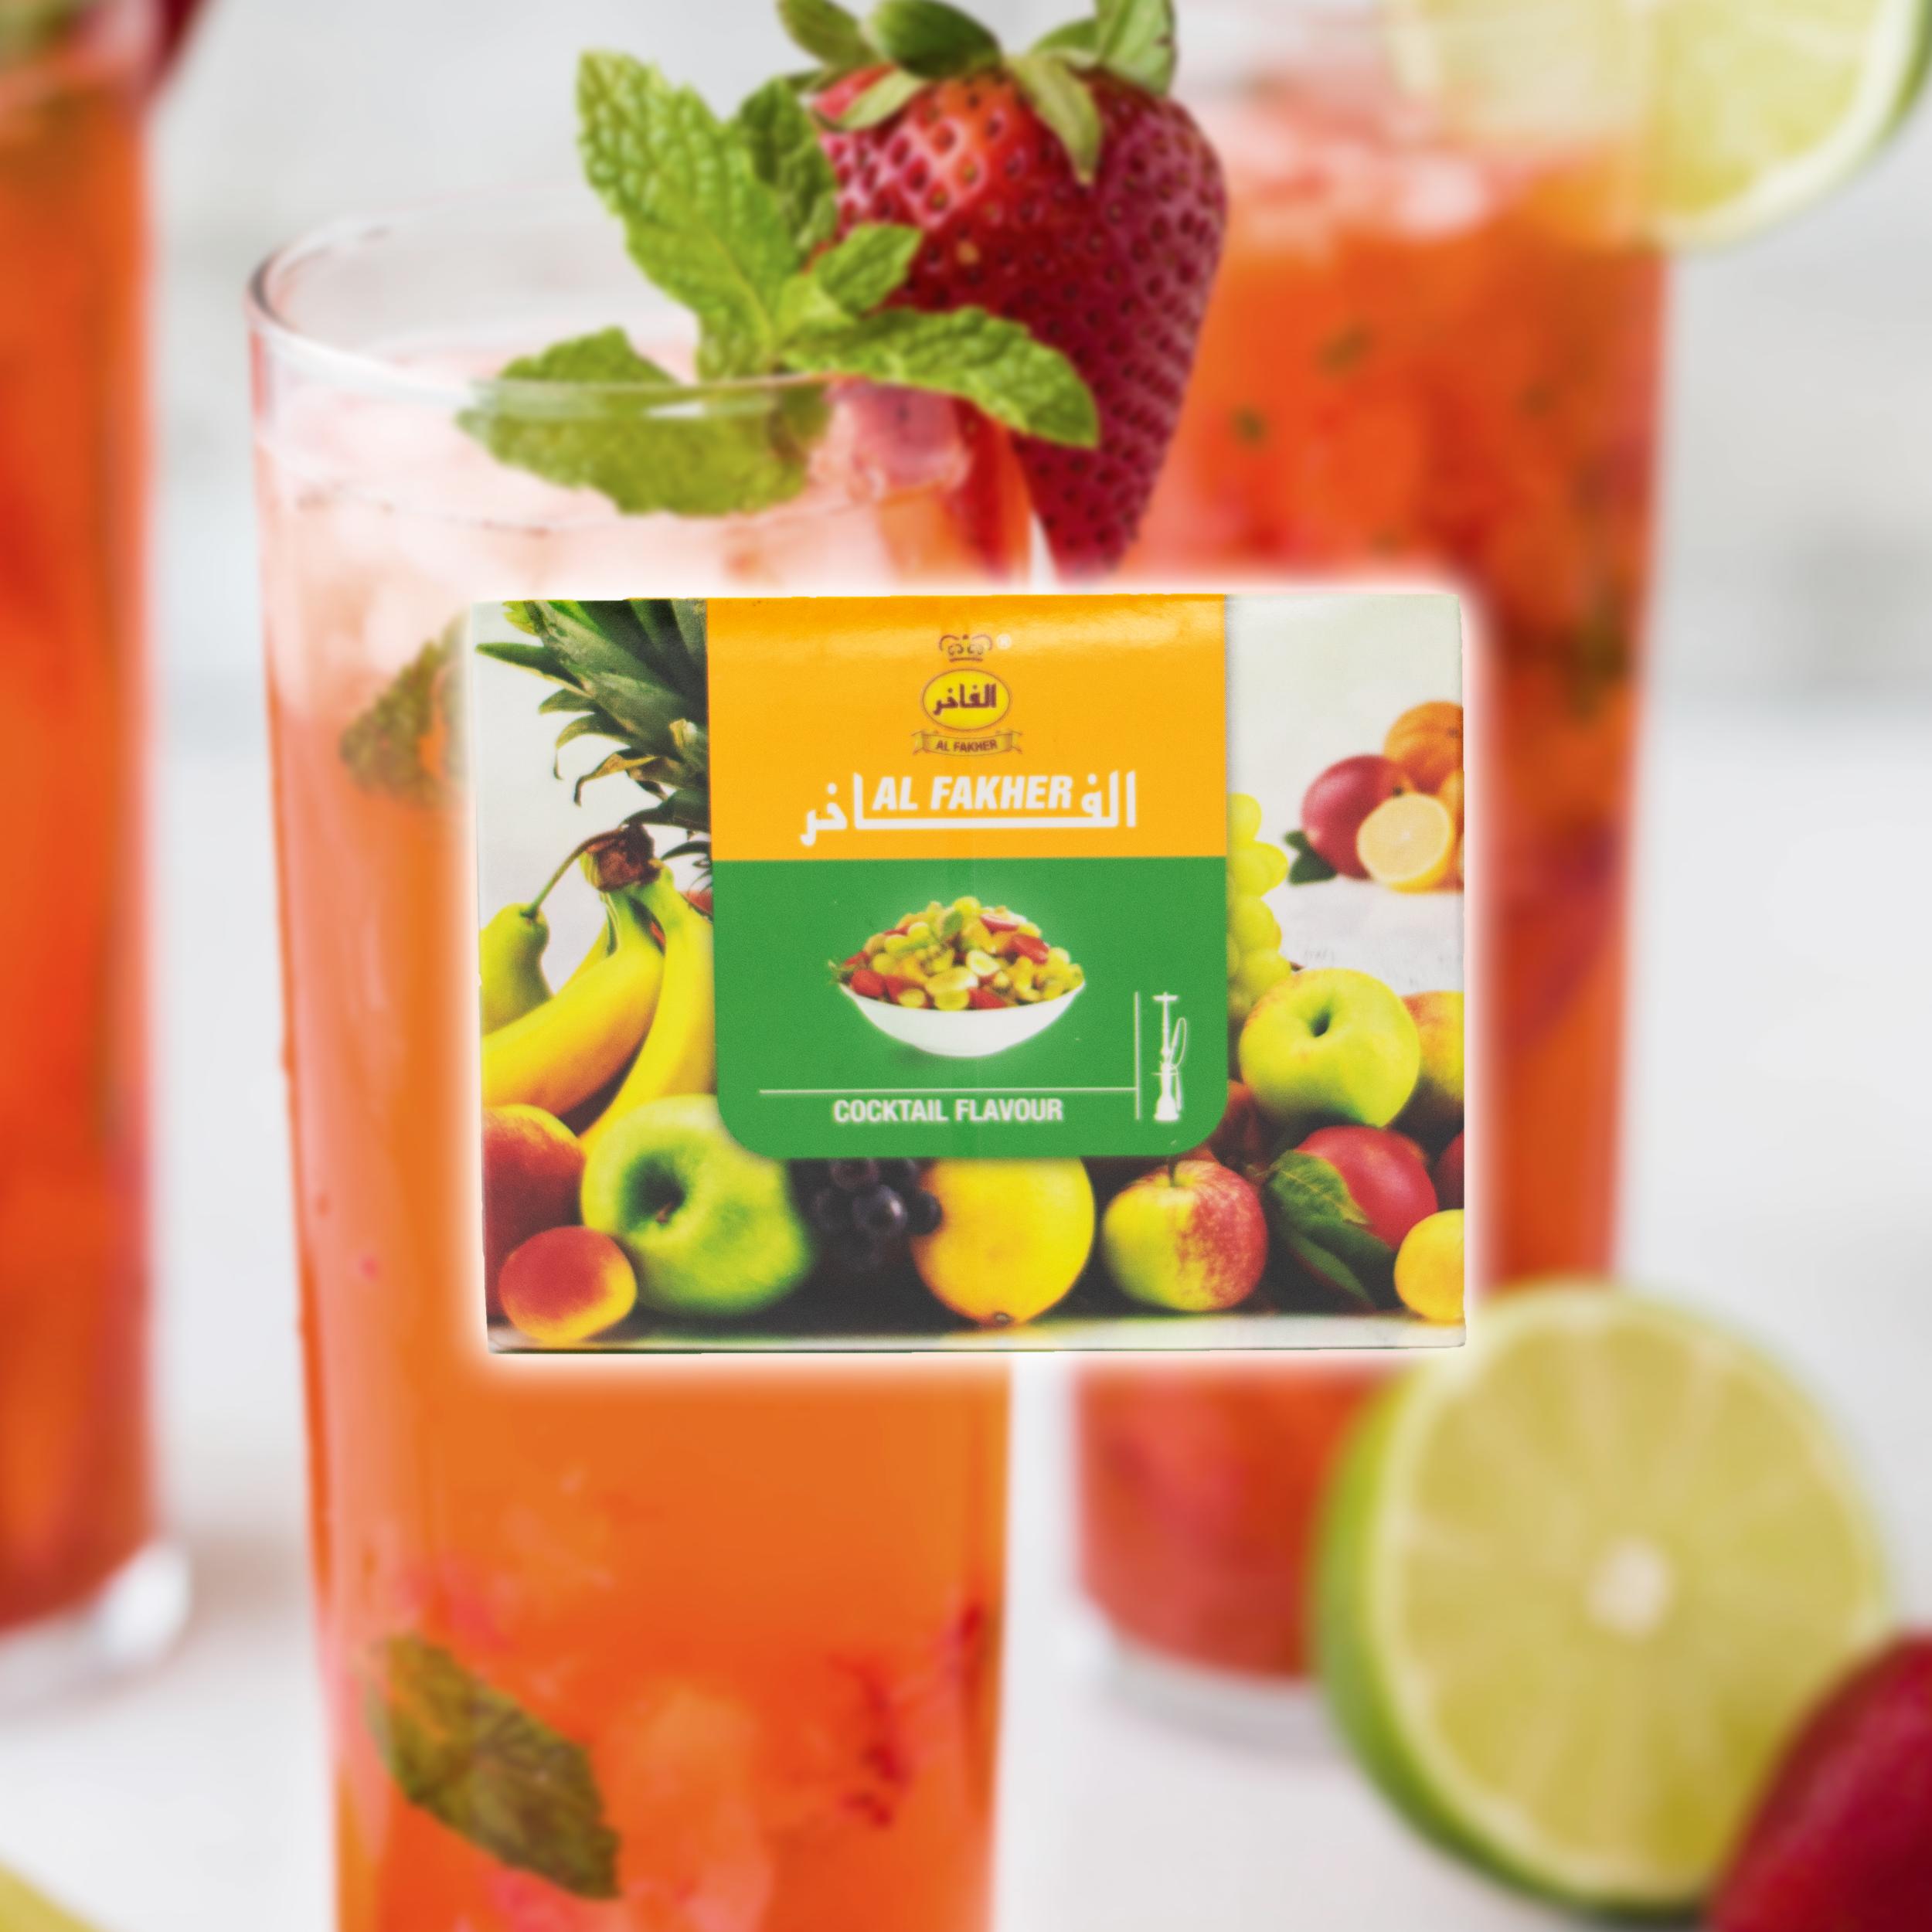 Cocktail Flavour - Al Fakher